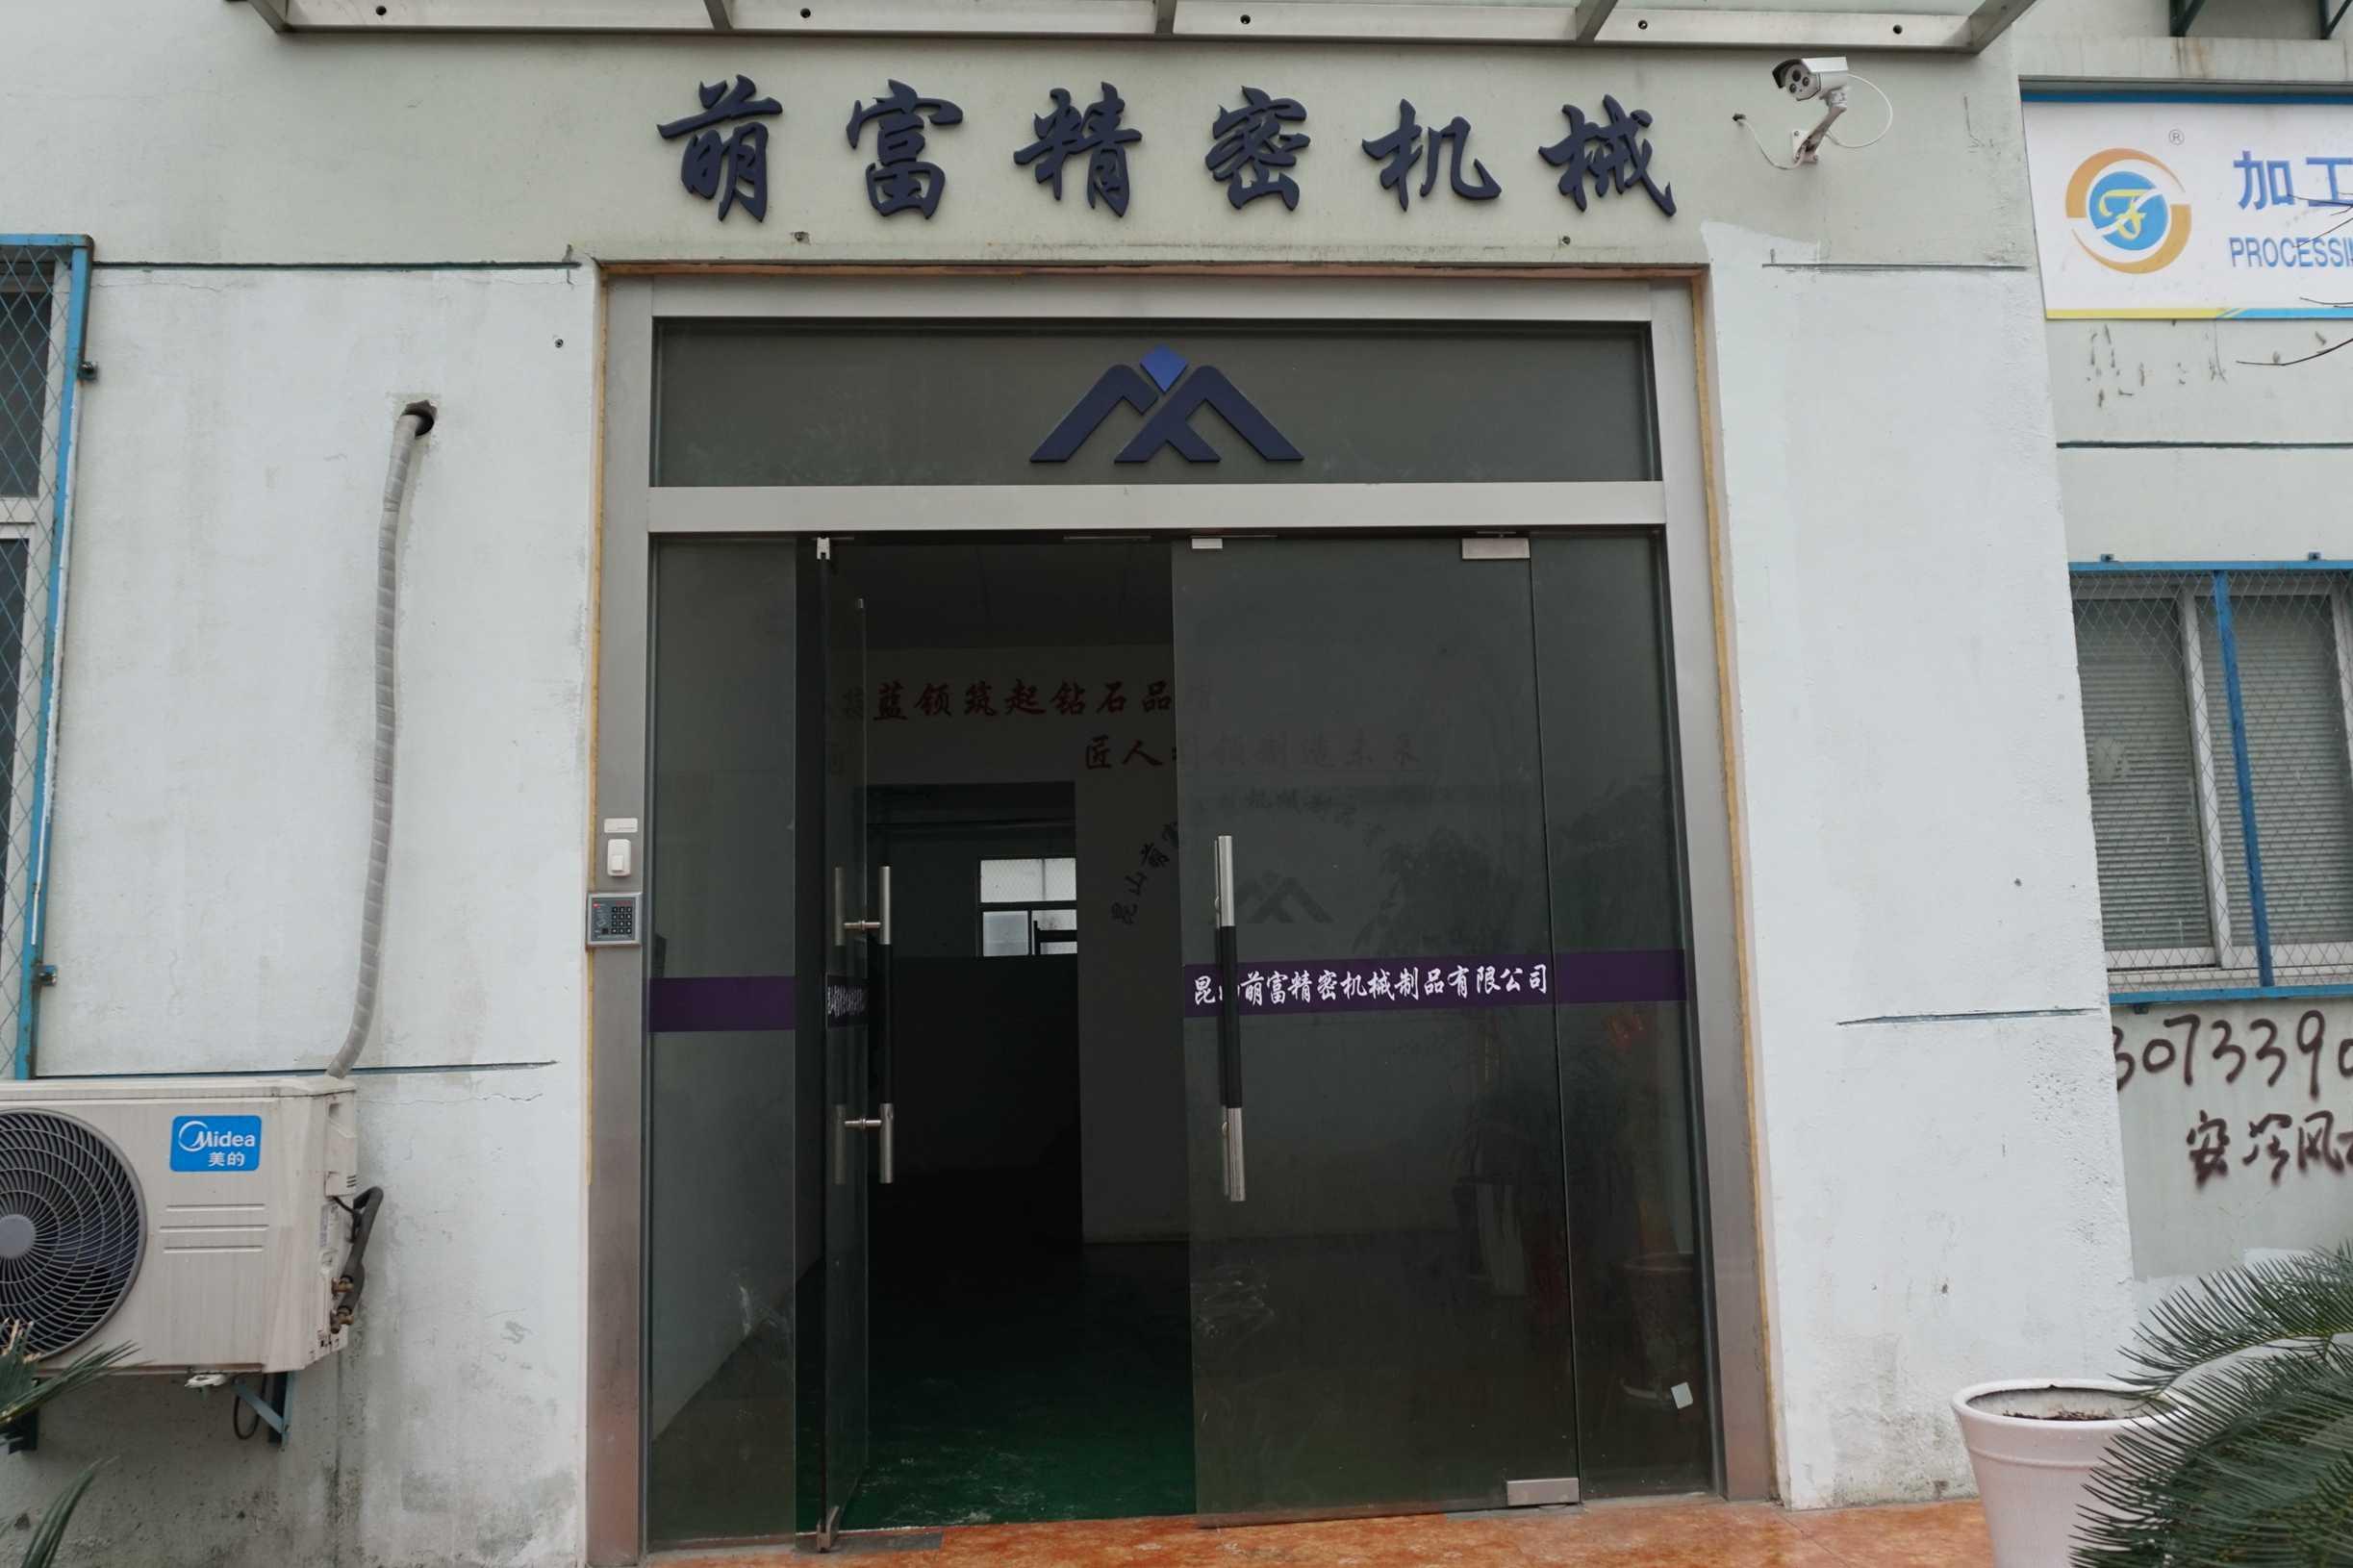 昆山河南商会会员单位风采——昆山萌富精密机械制品有限公司